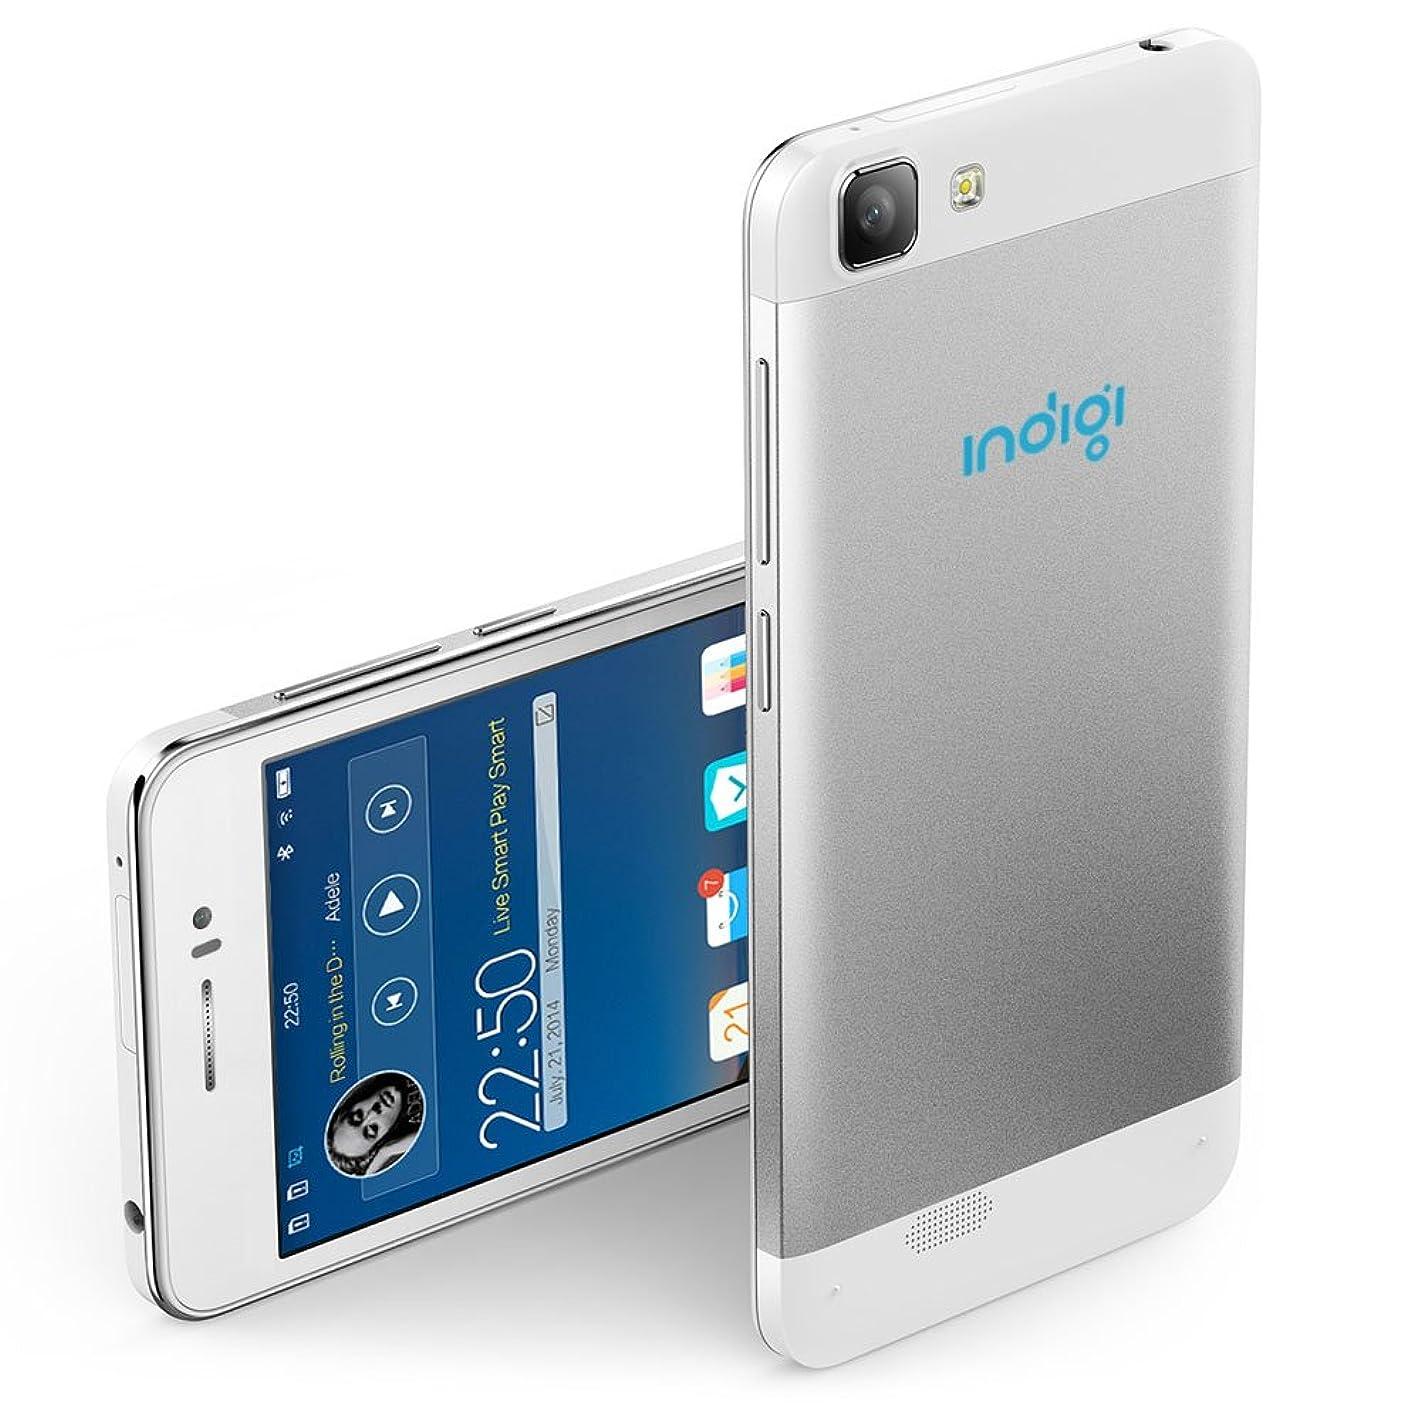 Indigi Unlocked Android Smartphone (White) 5.5